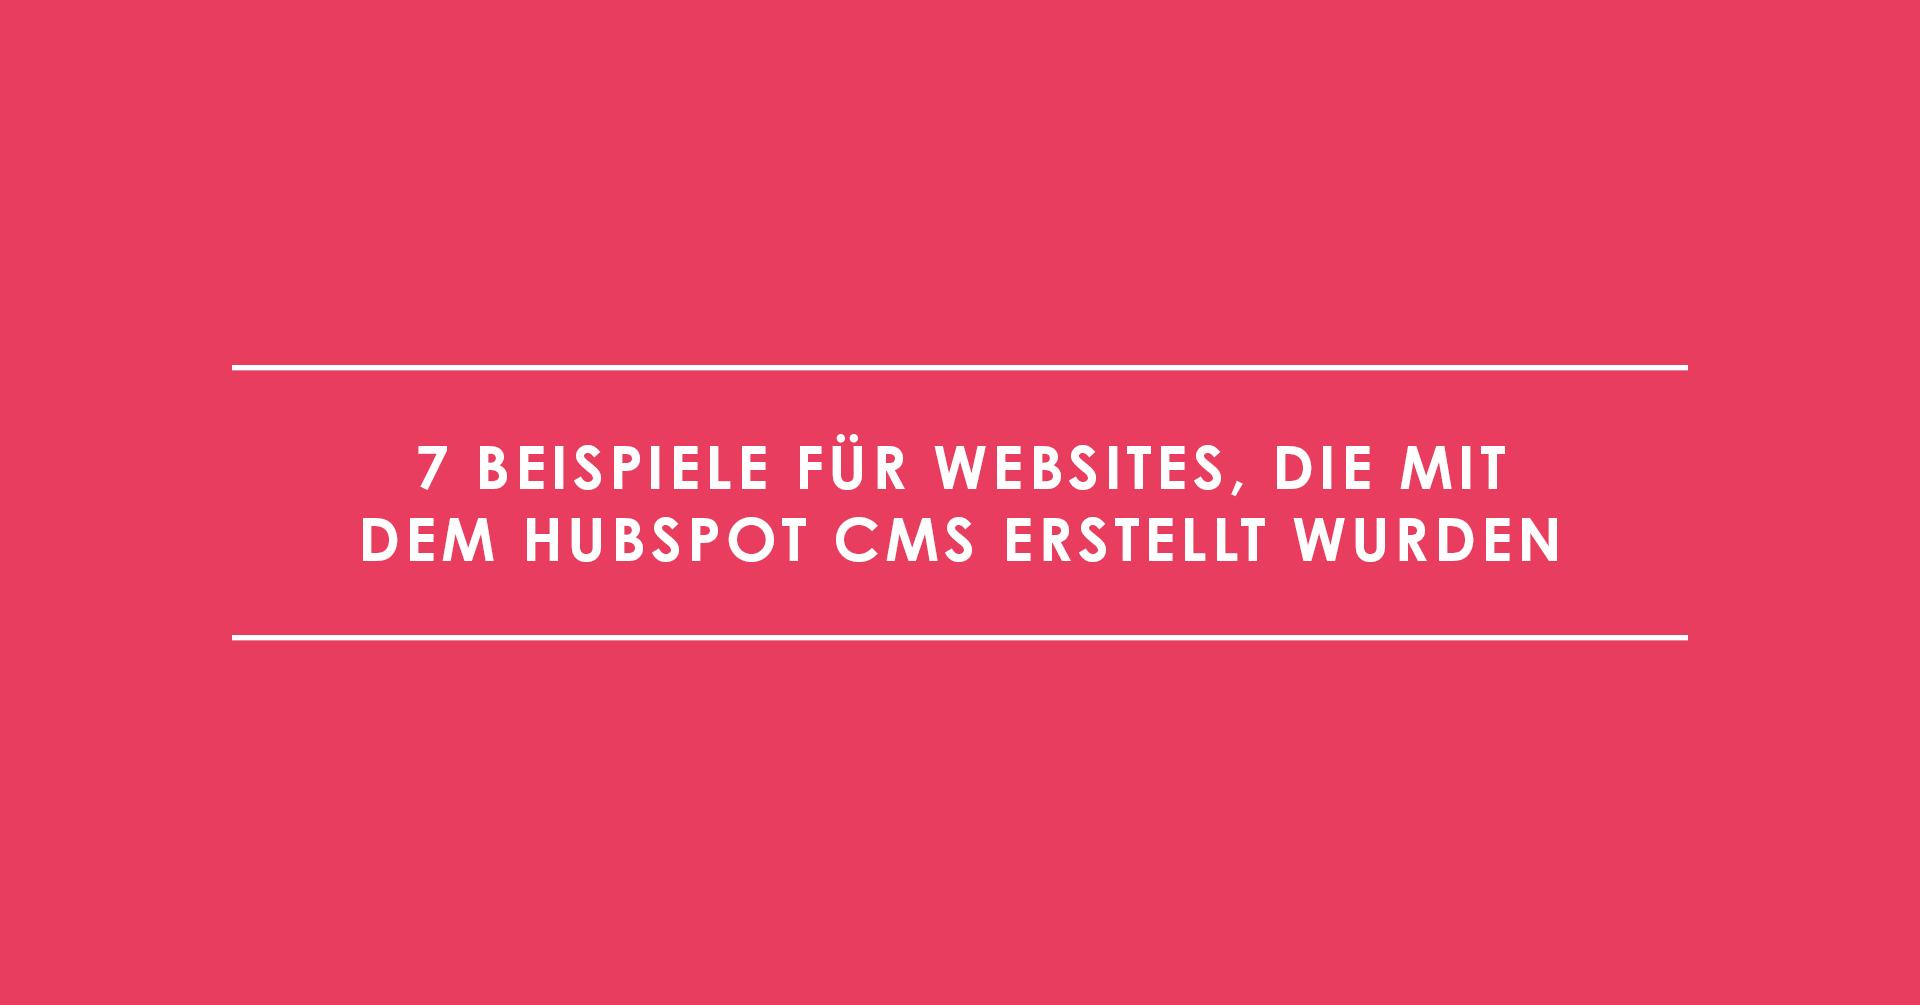 7 Beispiele für Websites, die mit dem HubSpot CMS erstellt wurden